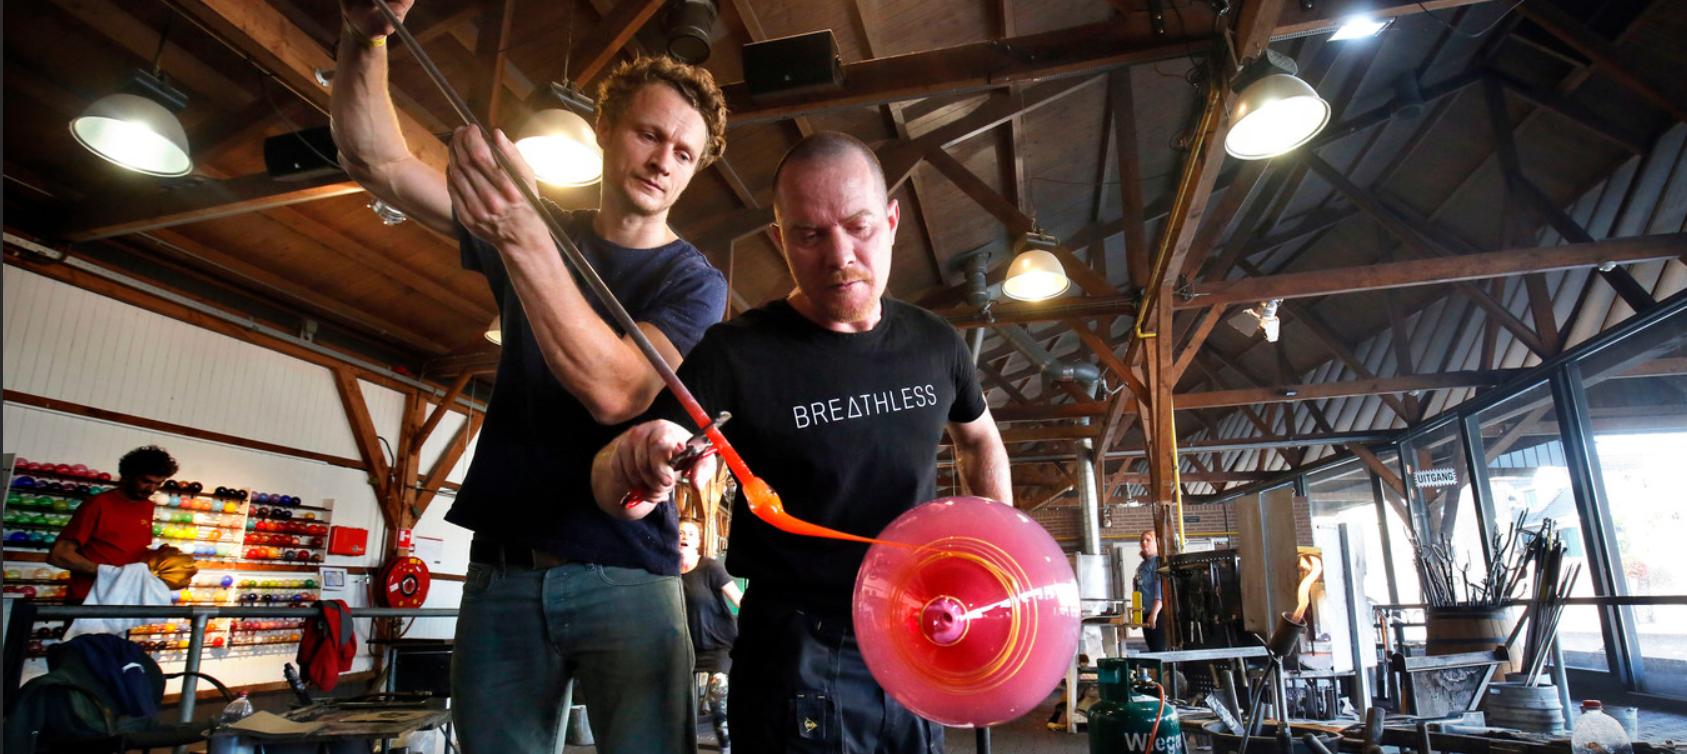 Twintig Jaar Glasblazerij In Leerdam Gevierd Met Blazers Van Het Eerste Uur